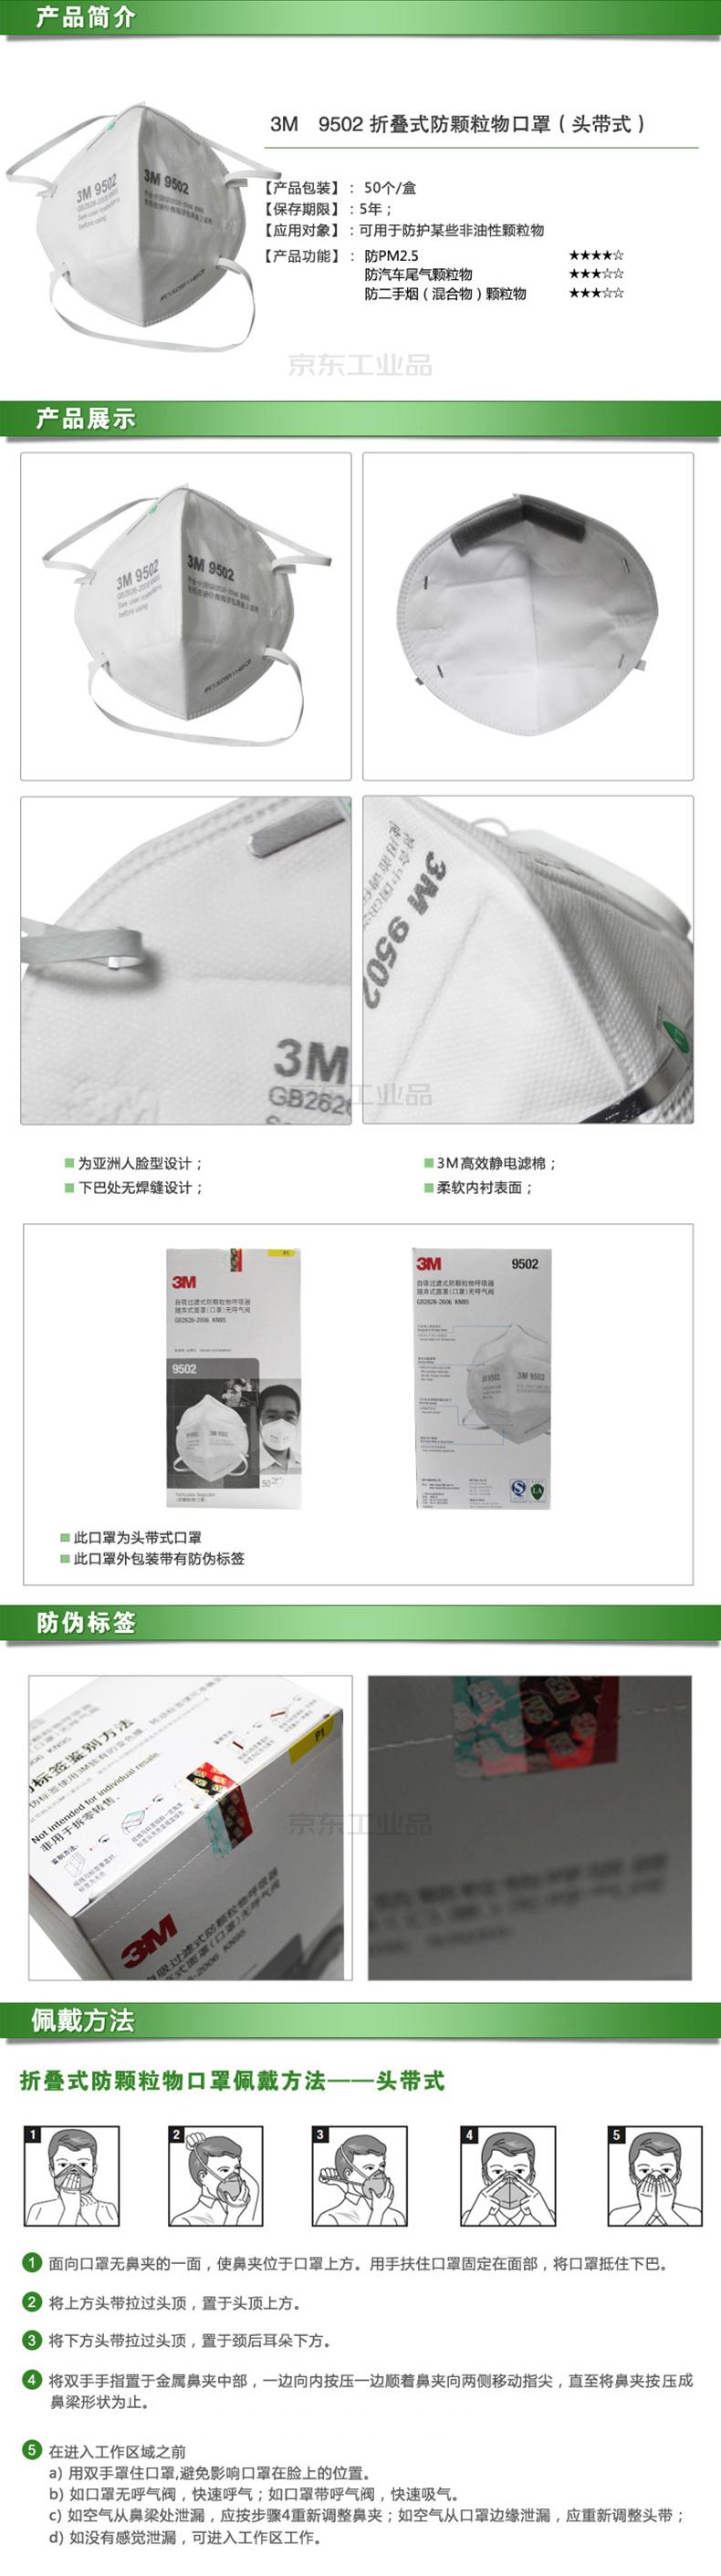 3M 9502防颗粒物呼吸器 自吸过滤式口罩 双片折叠头戴式